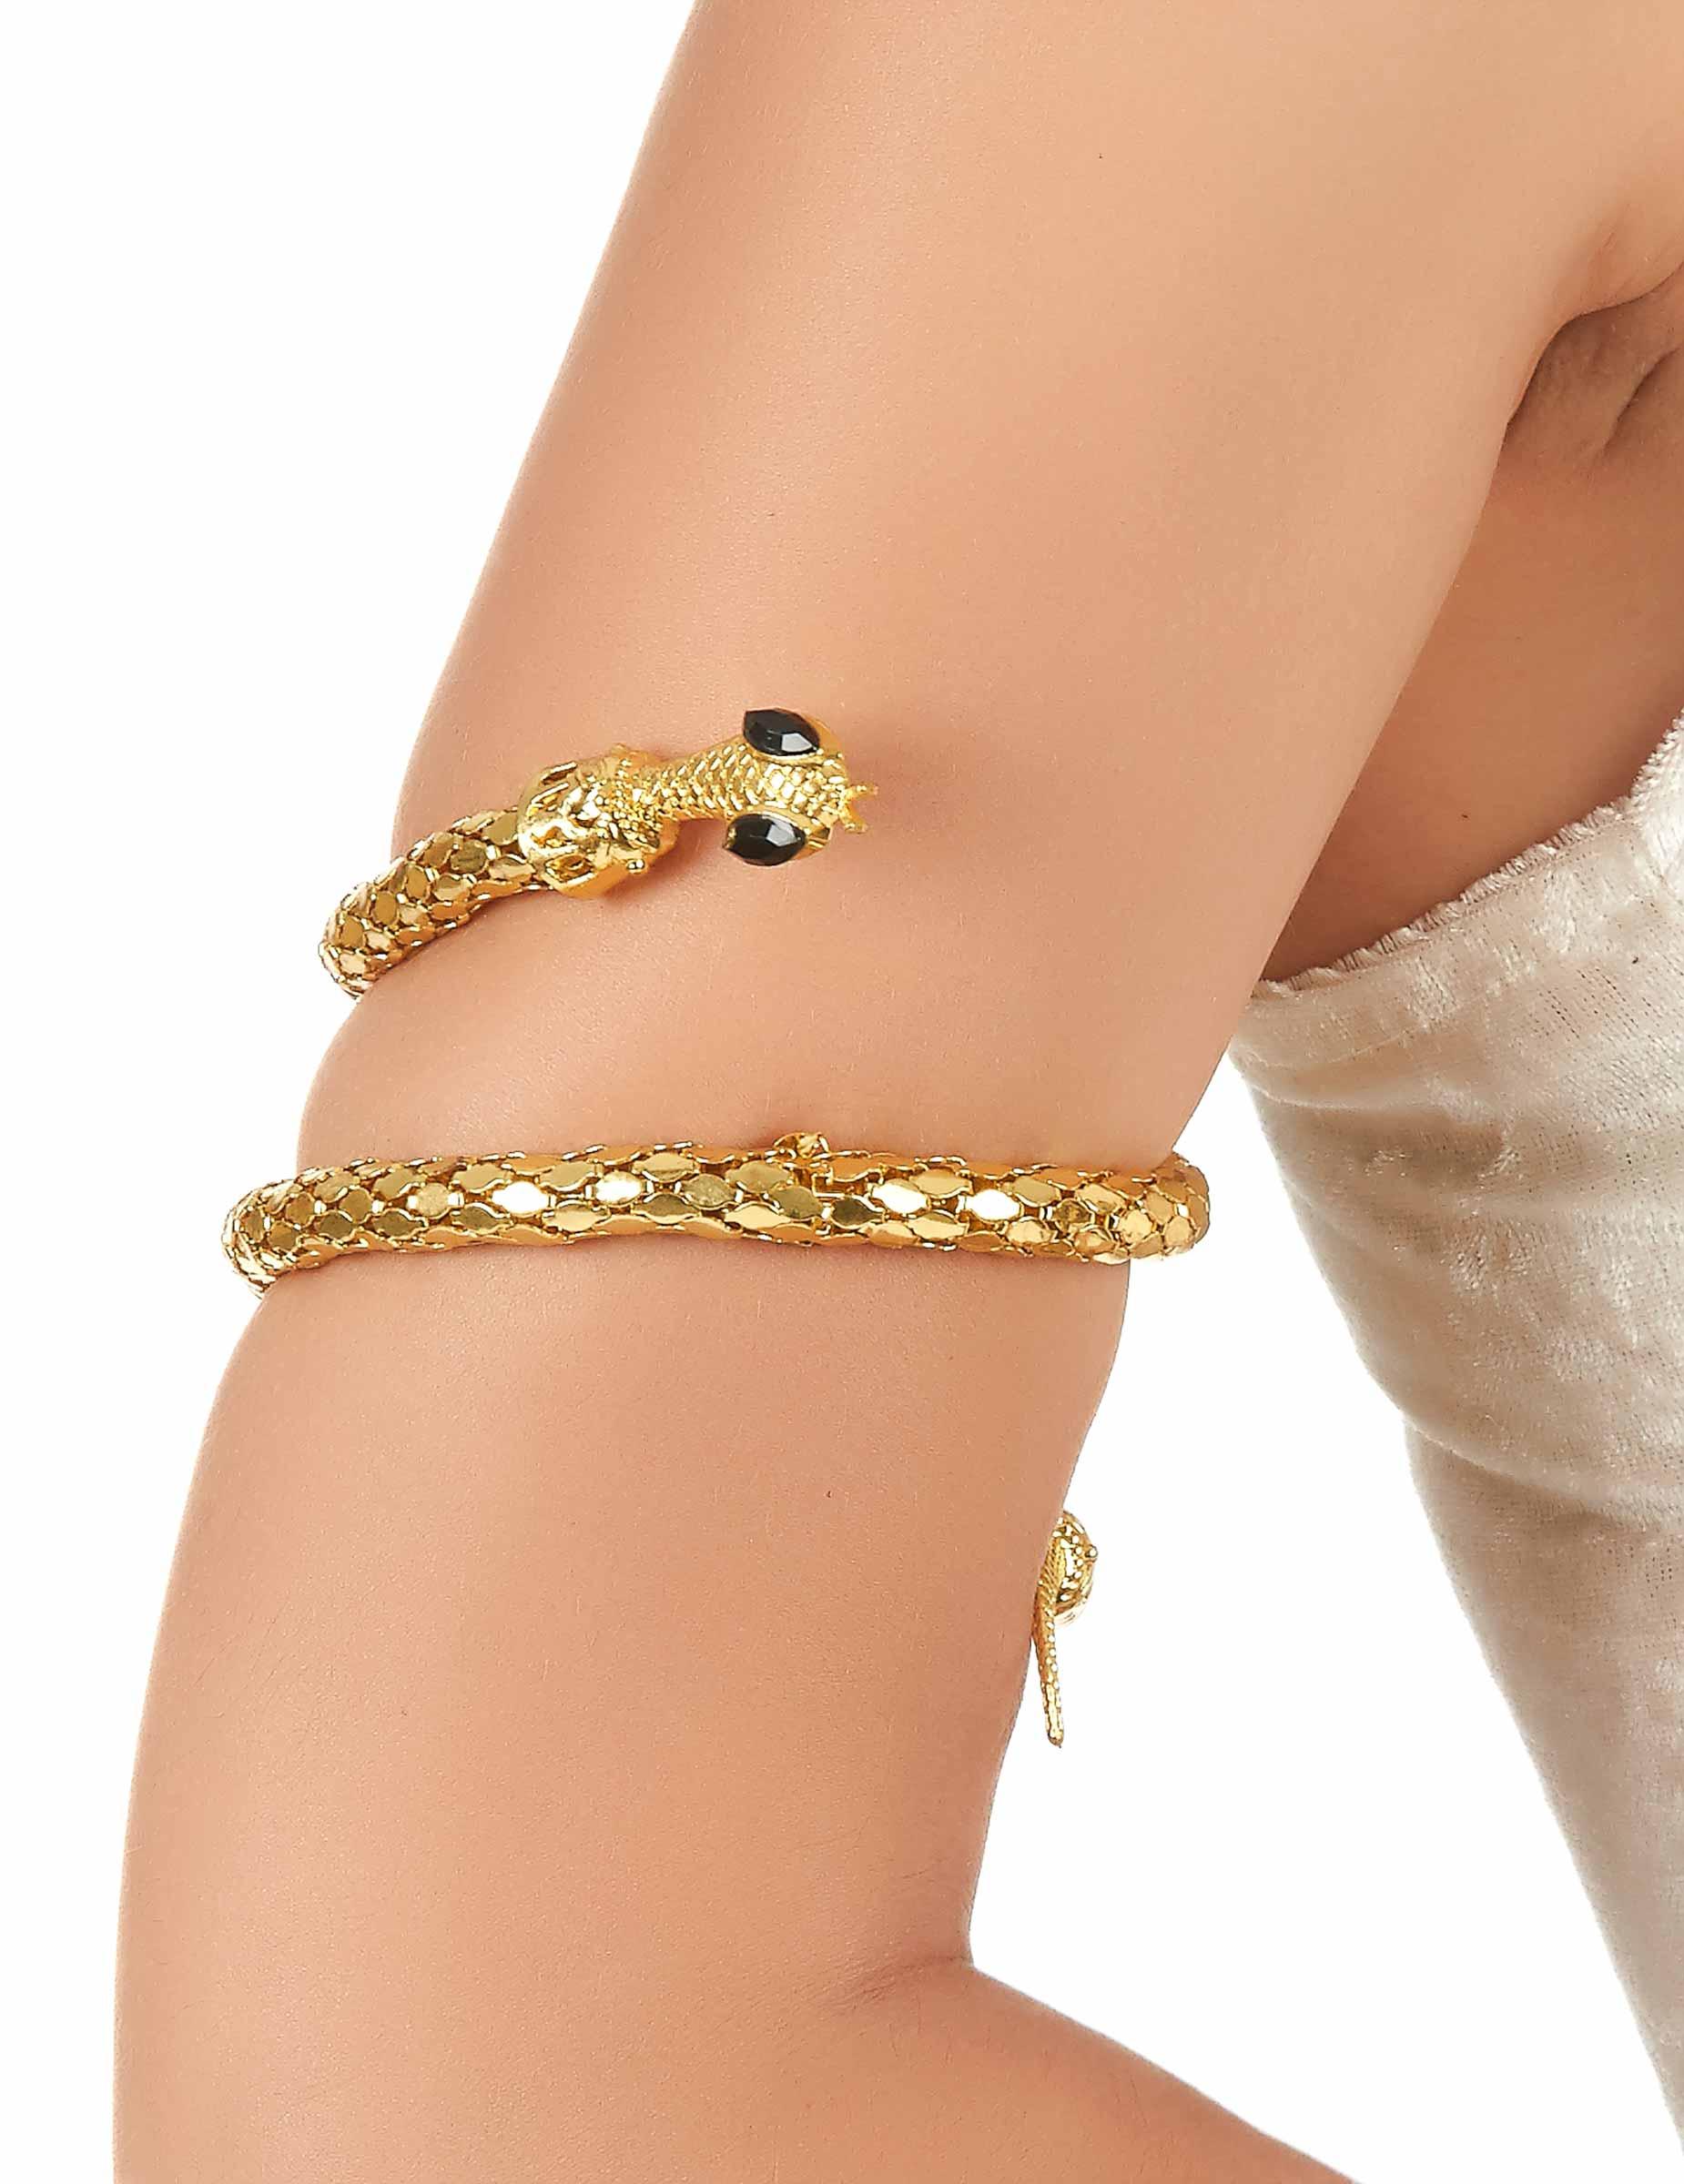 eb5ddf26fbc339 Bracelet de bras serpent doré adulte   Deguise-toi, achat de Accessoires